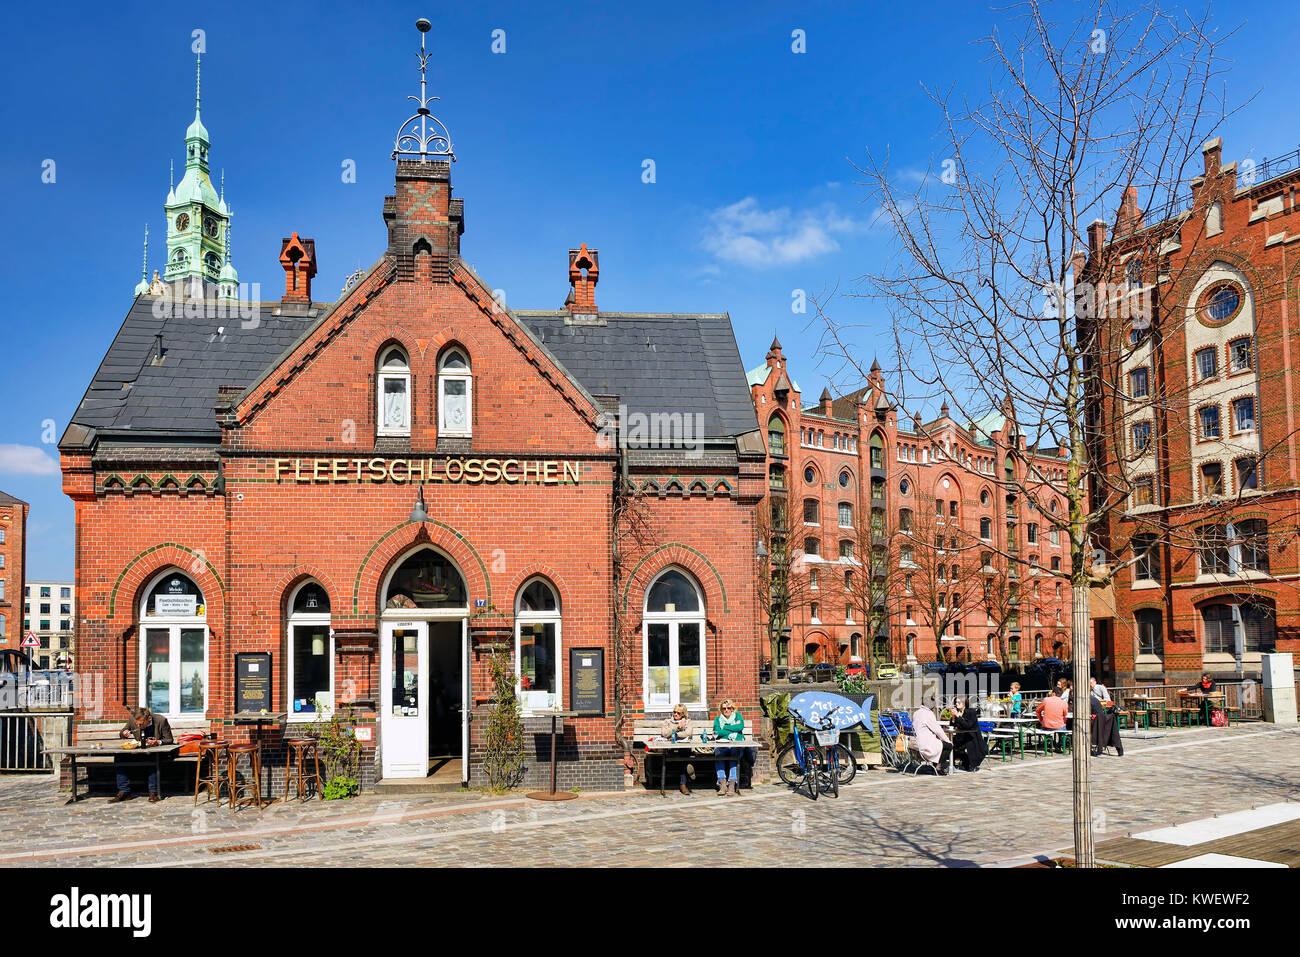 Canal small castles in the memory town of Hamburg, Germany, Europe, Fleetschlösschen in der Speicherstadt von Hamburg, Stock Photo